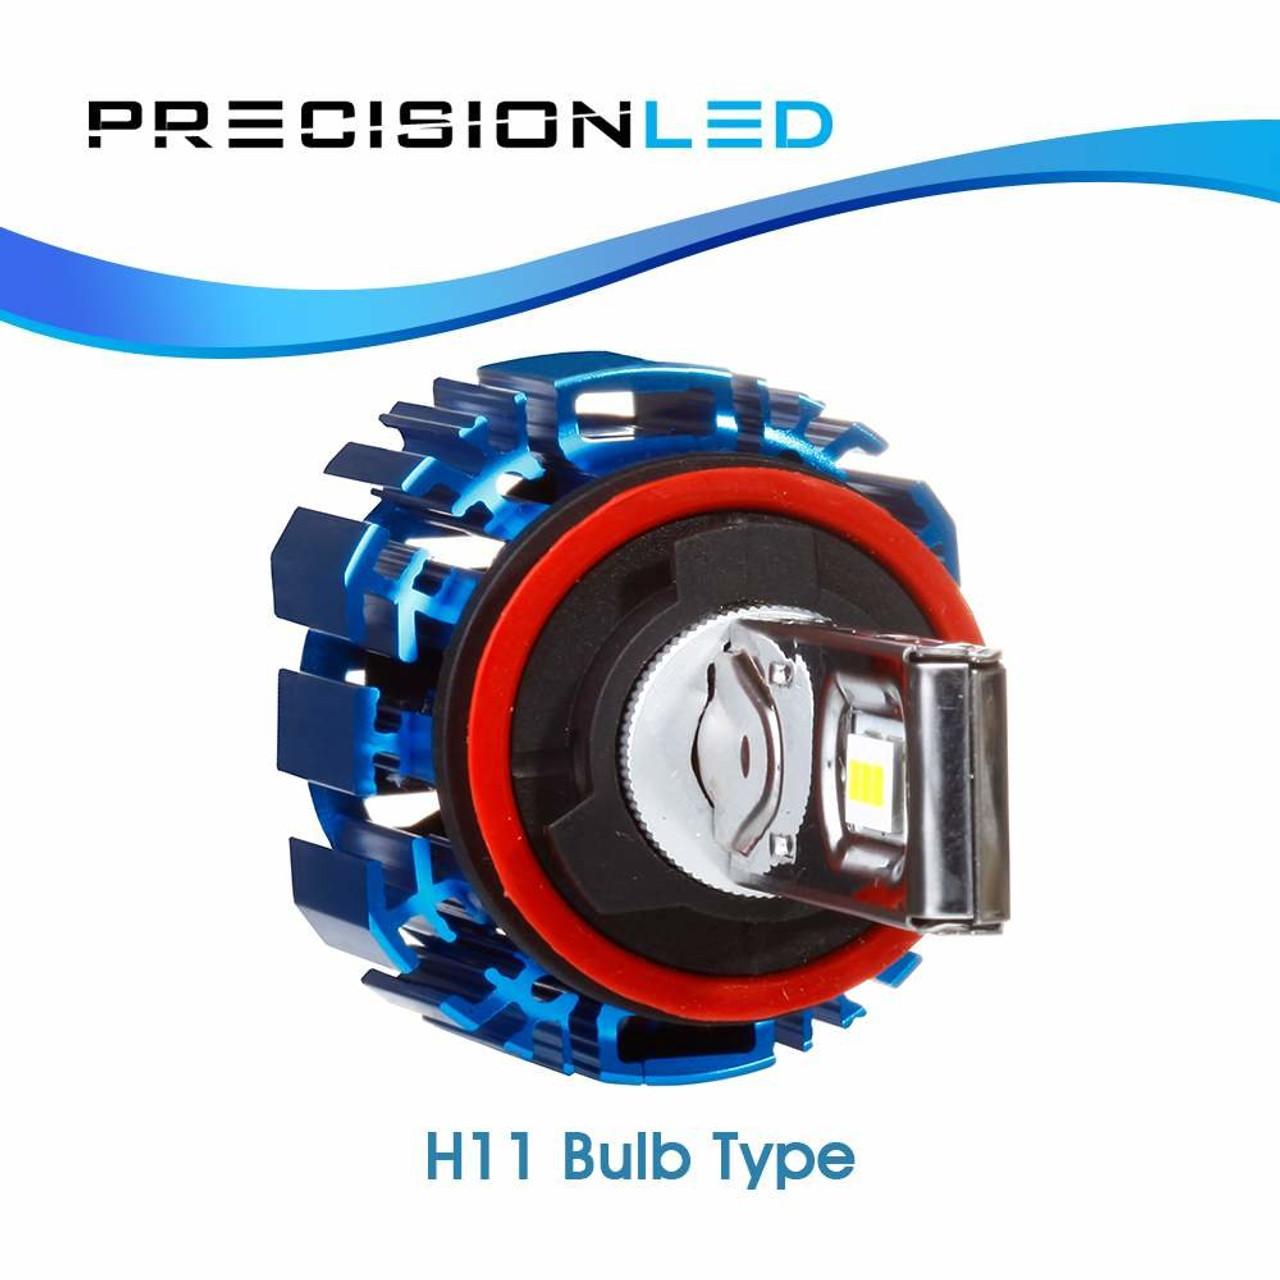 Hyundai Veloster Premium LED Headlight package (2011 - 2015)